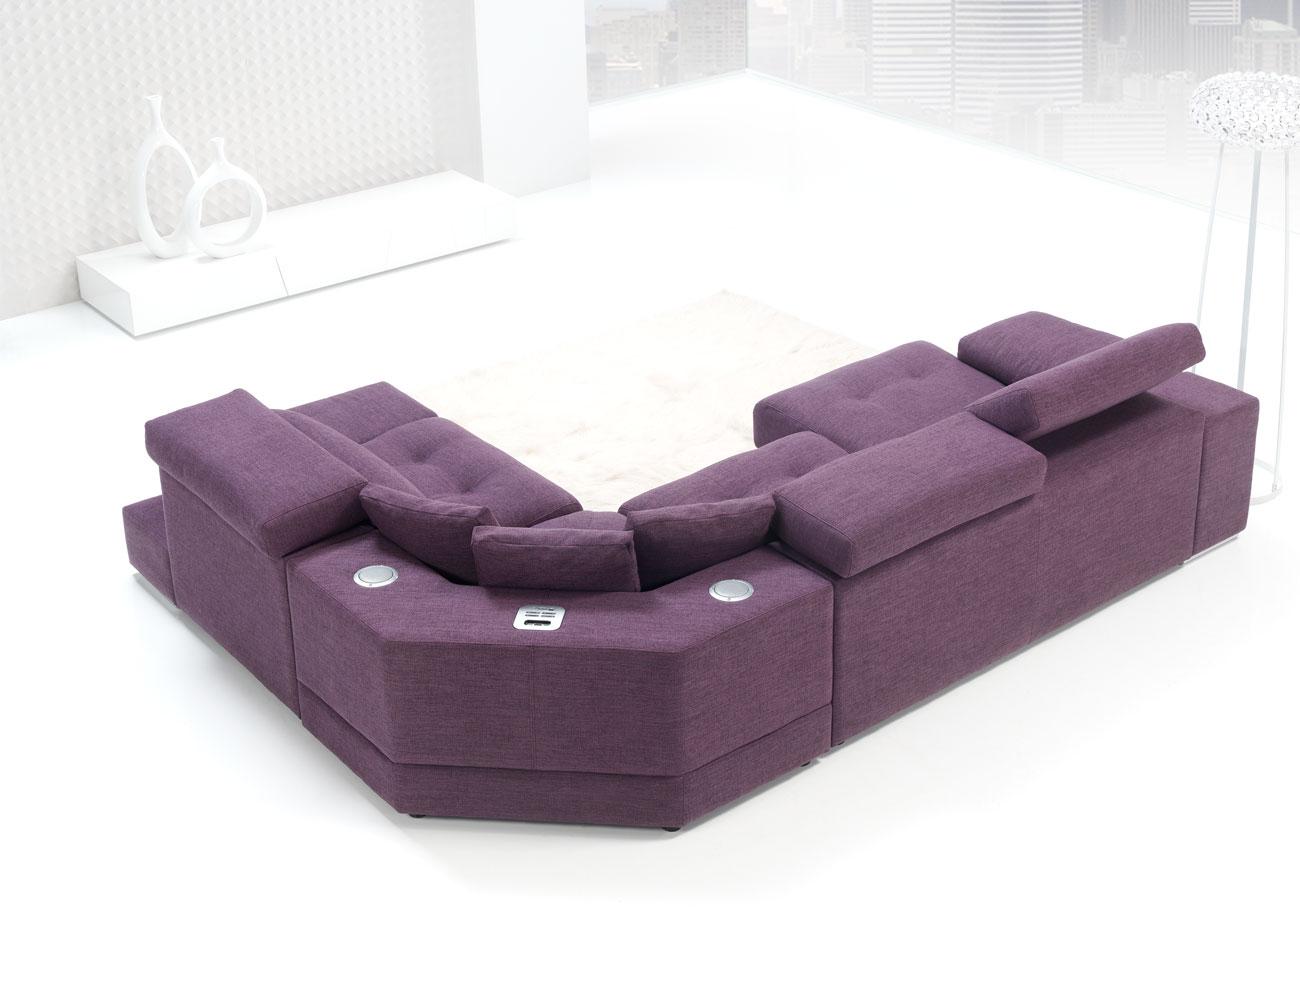 Sofa chaiselongue rincon con brazo mecanico tejido anti manchas 34